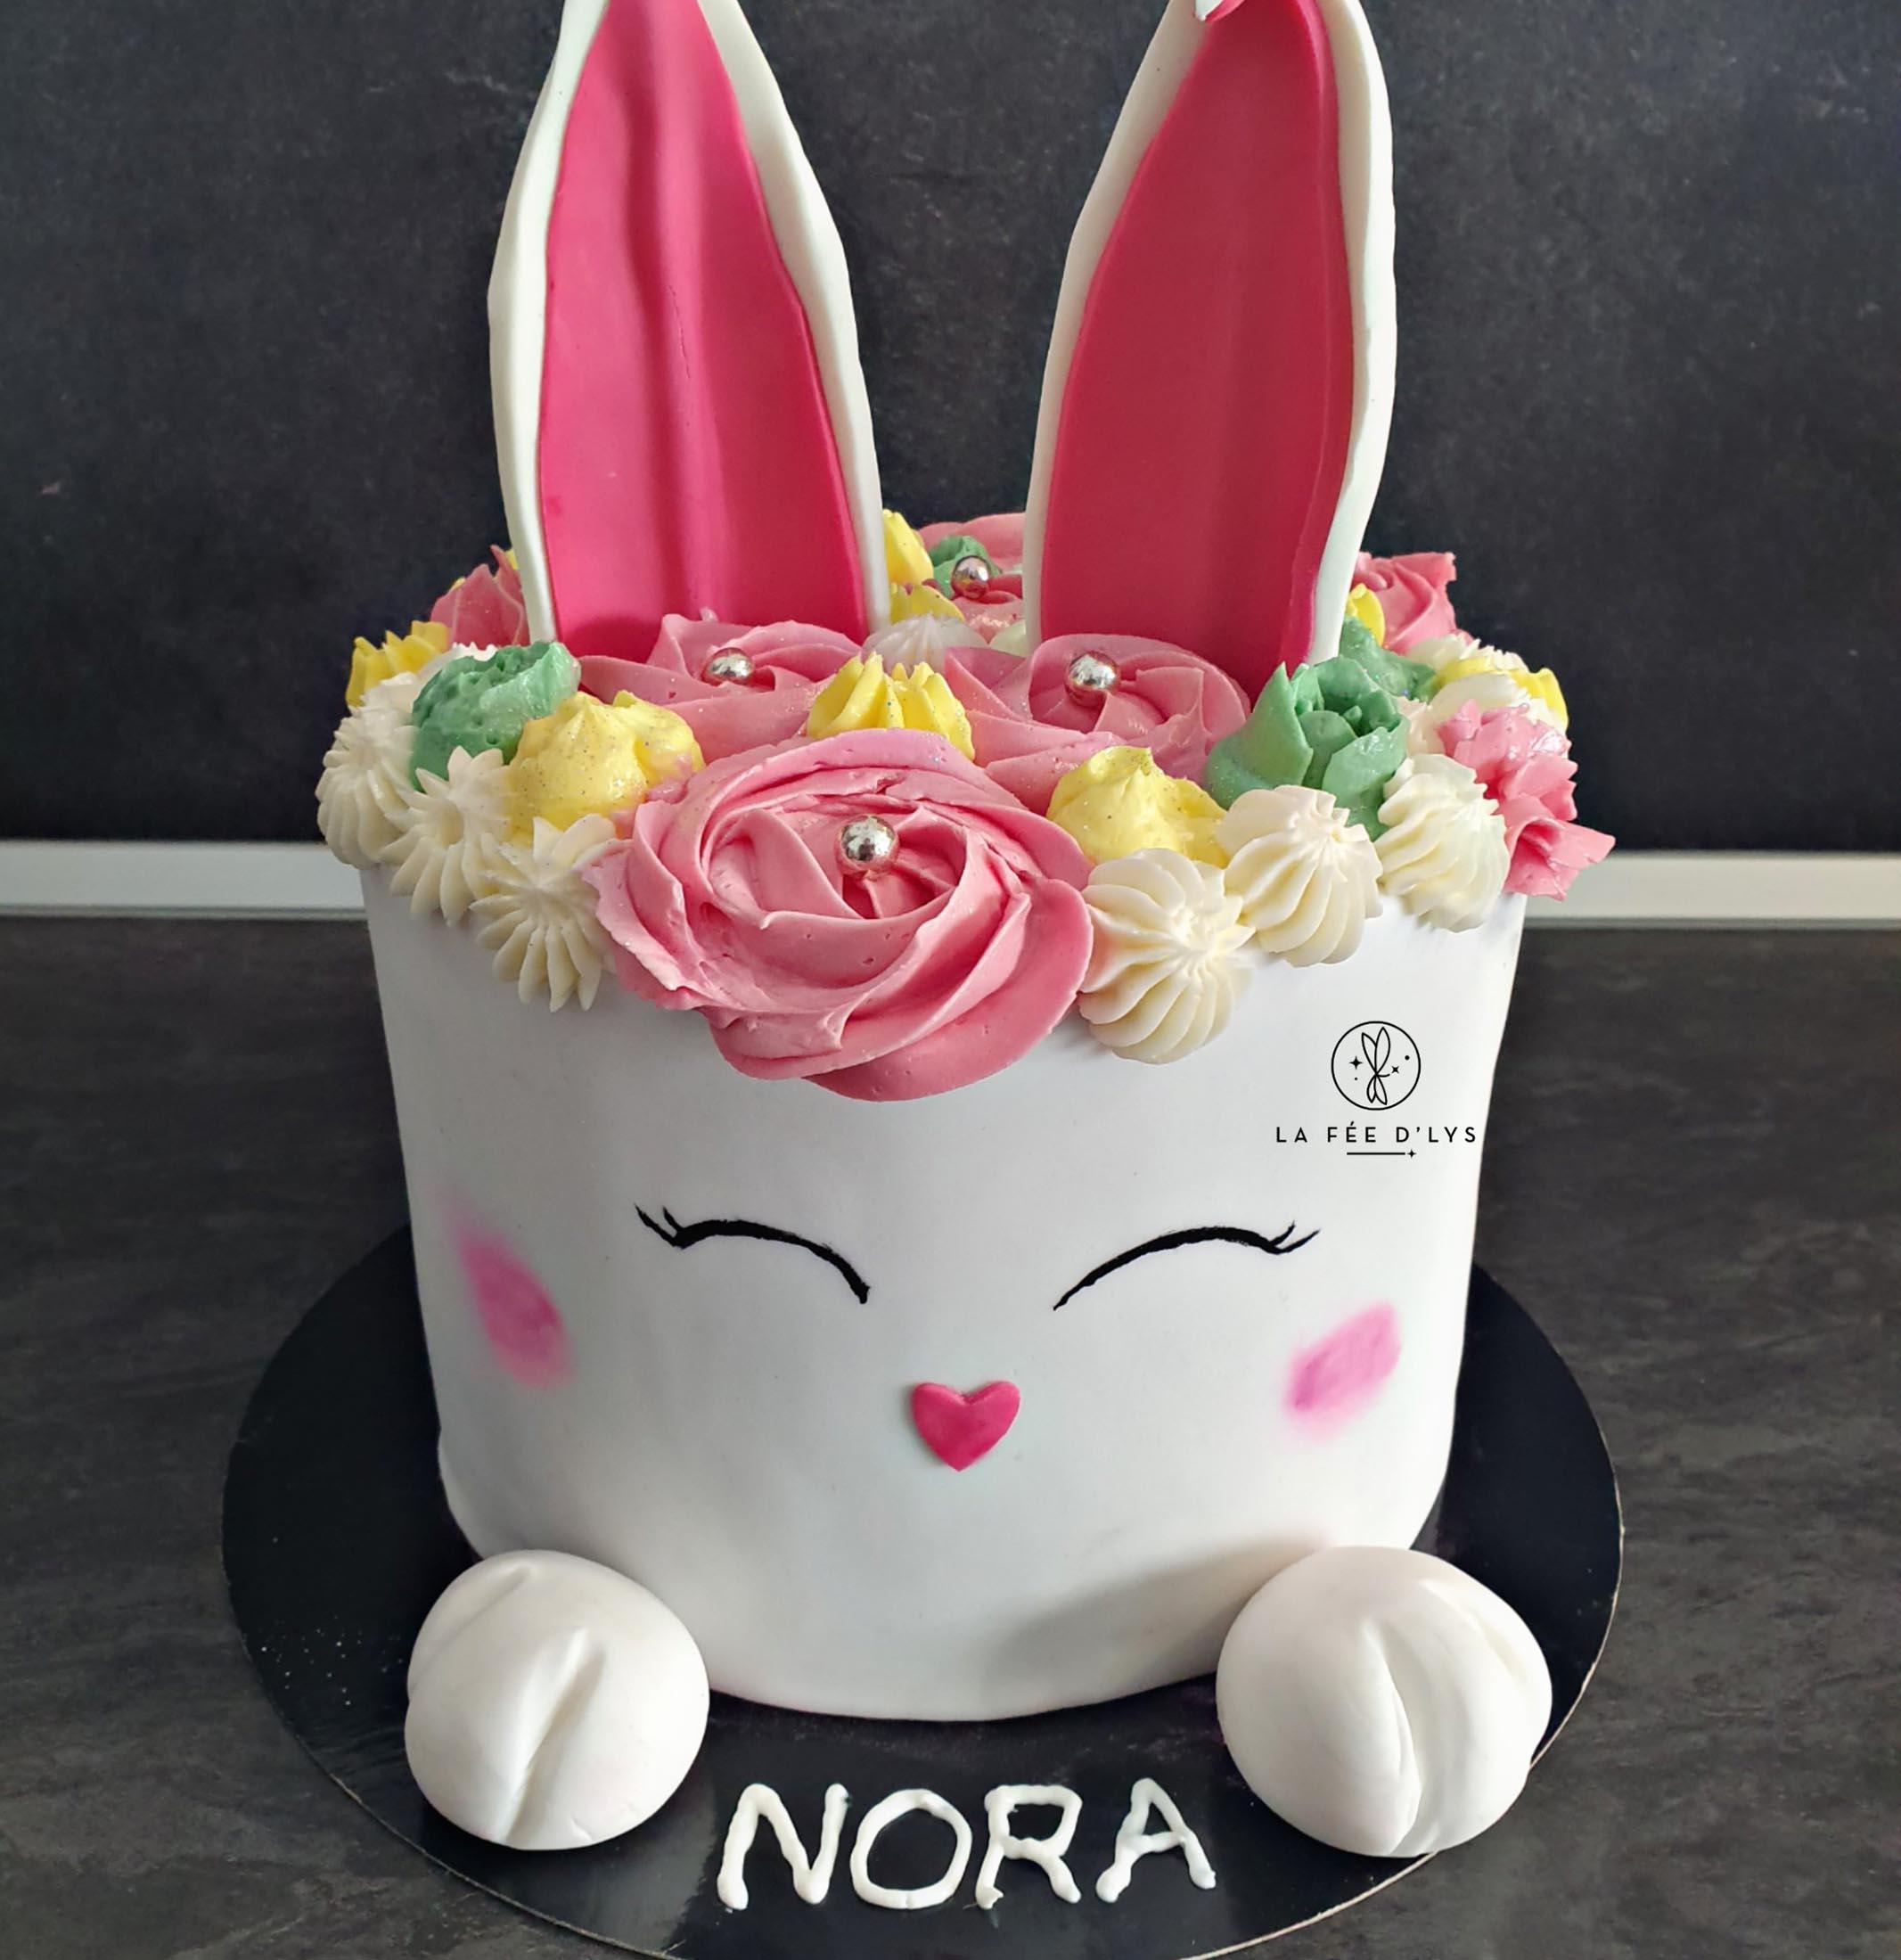 Cake Design - Nora